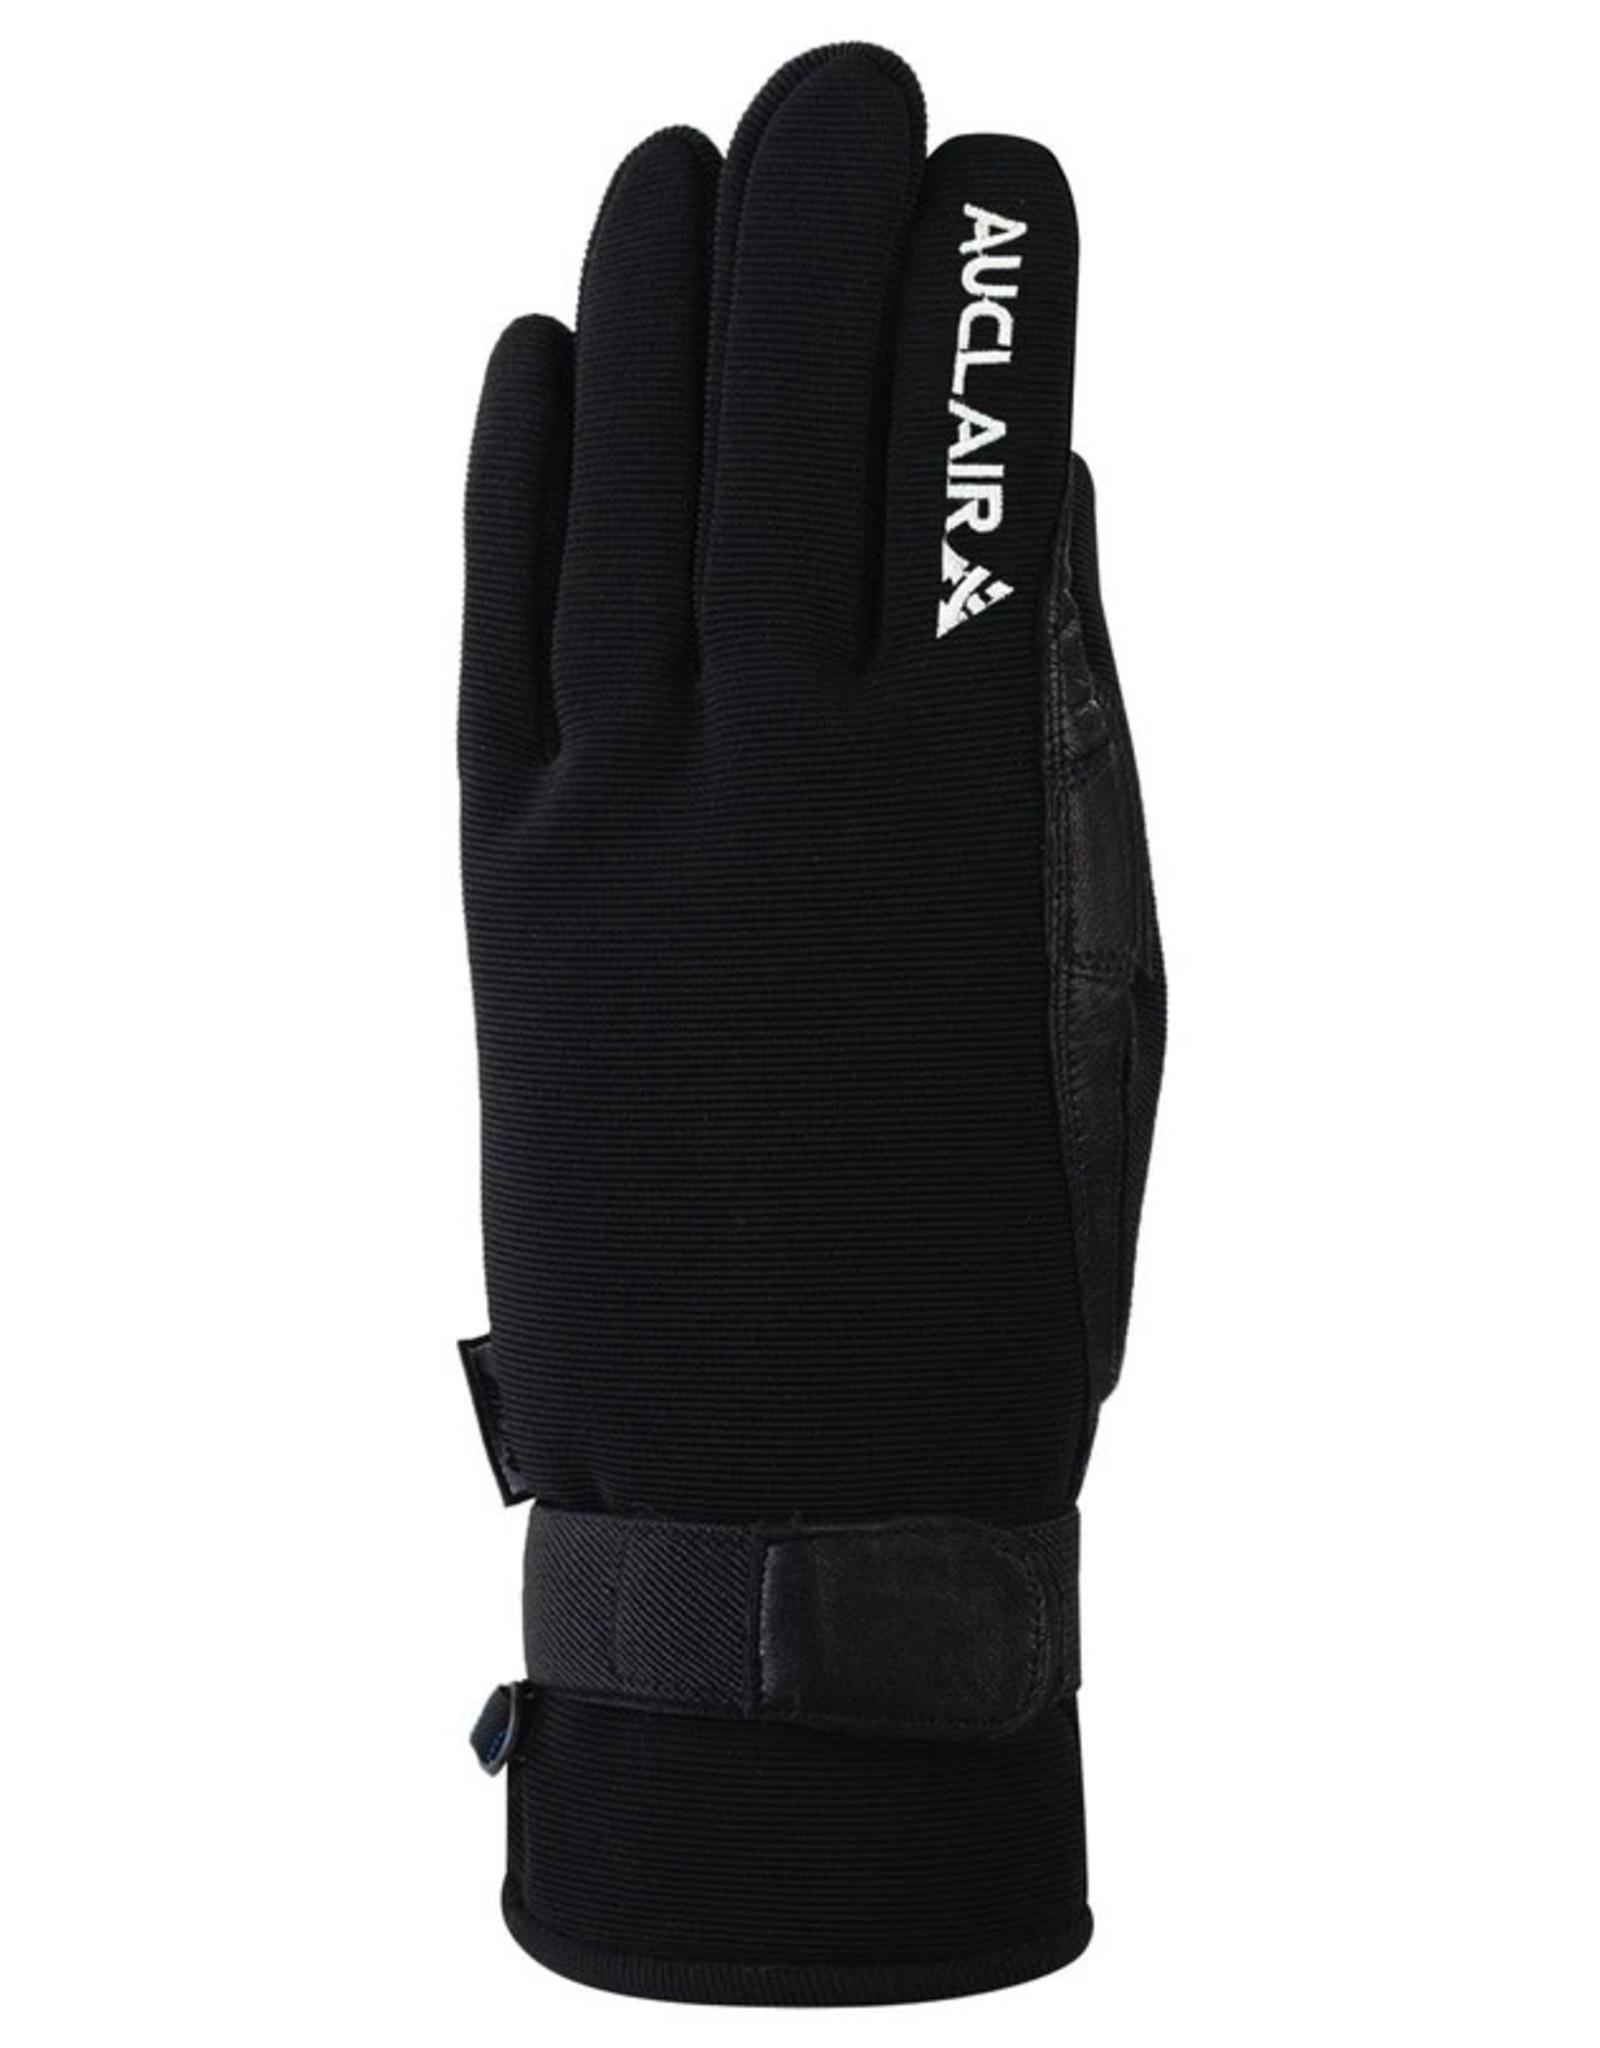 Auclair '21, Auclair Women's Skater Glove